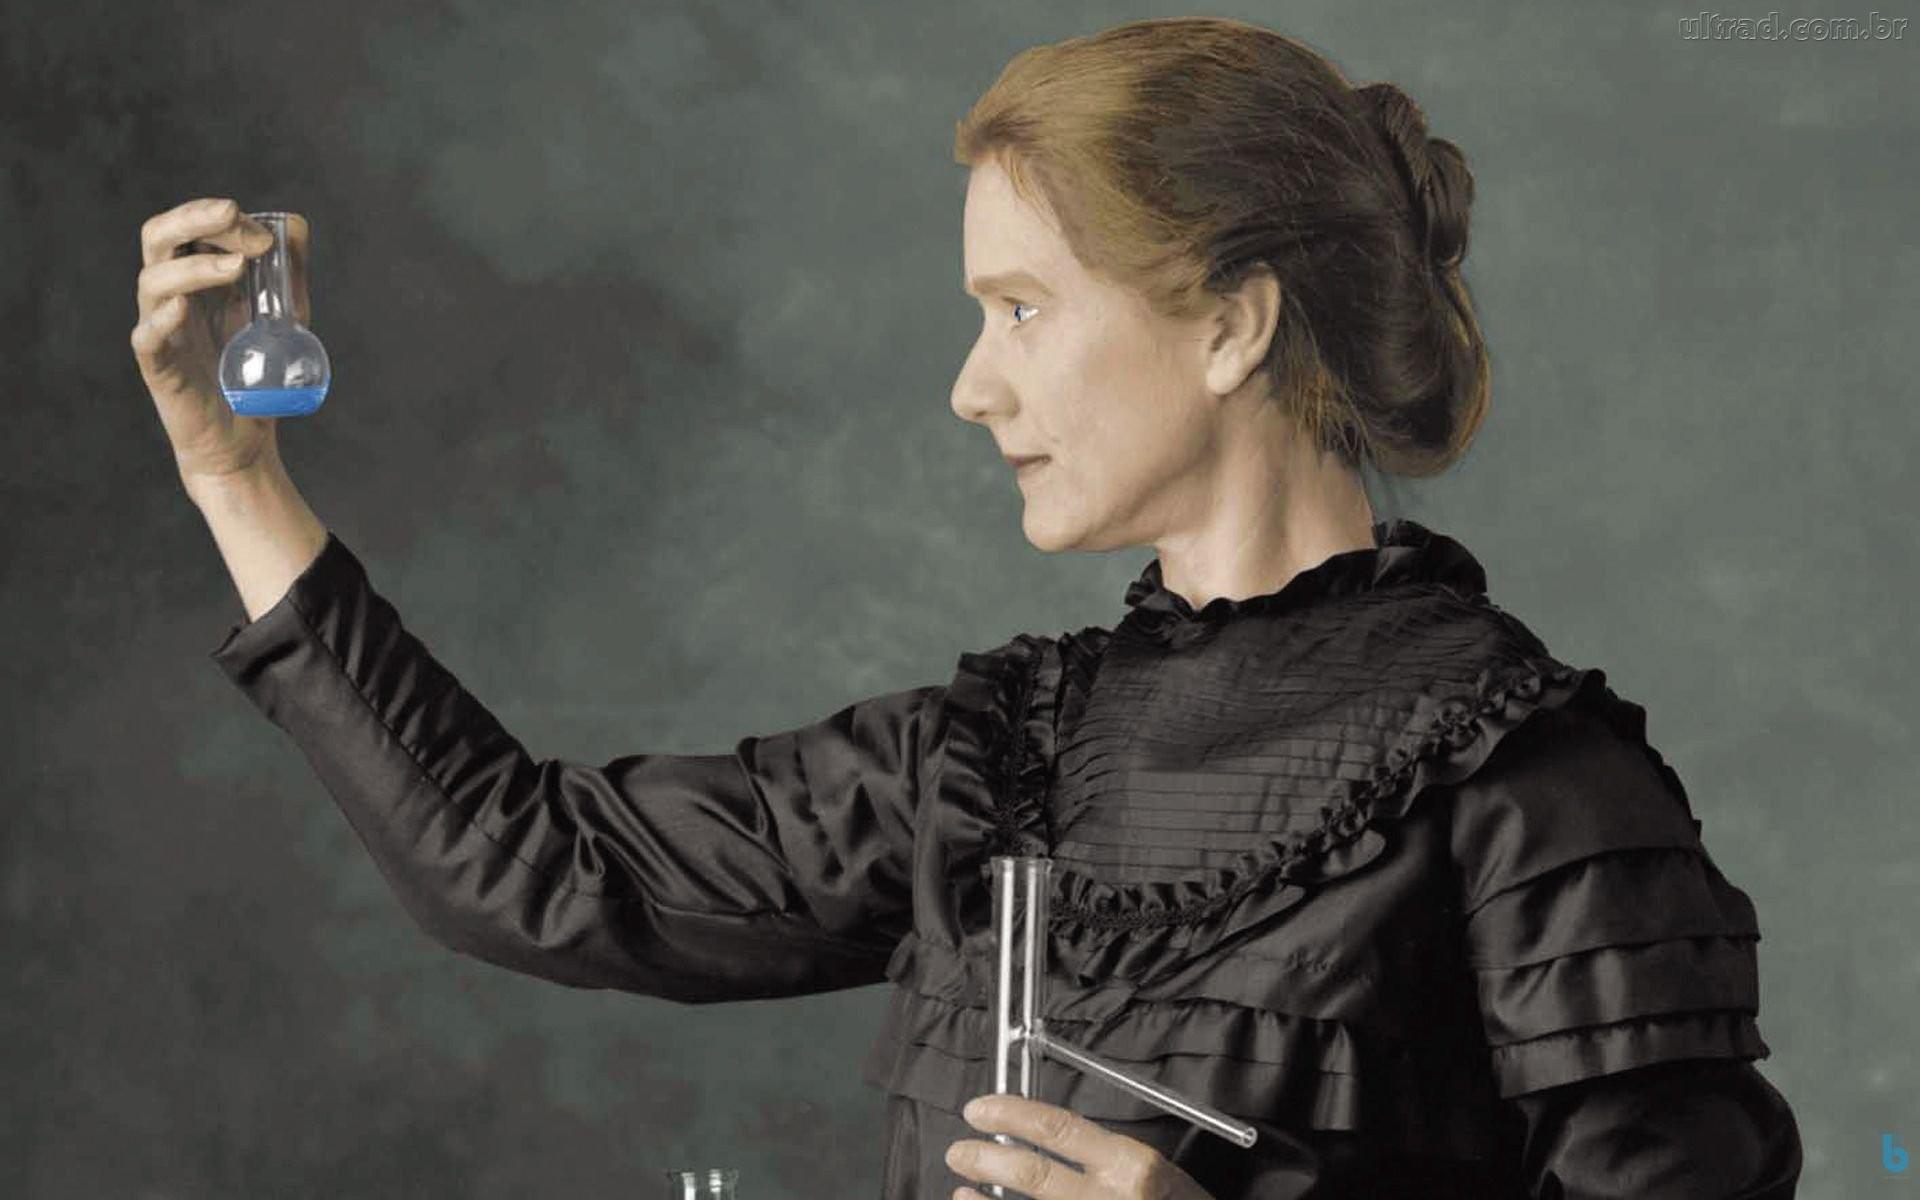 MARIE CURIE, INTERPRETADA POR SUSAN MARIE FRONTCZAK  (Foto: SUSAN MARIE FRONTCZAK)